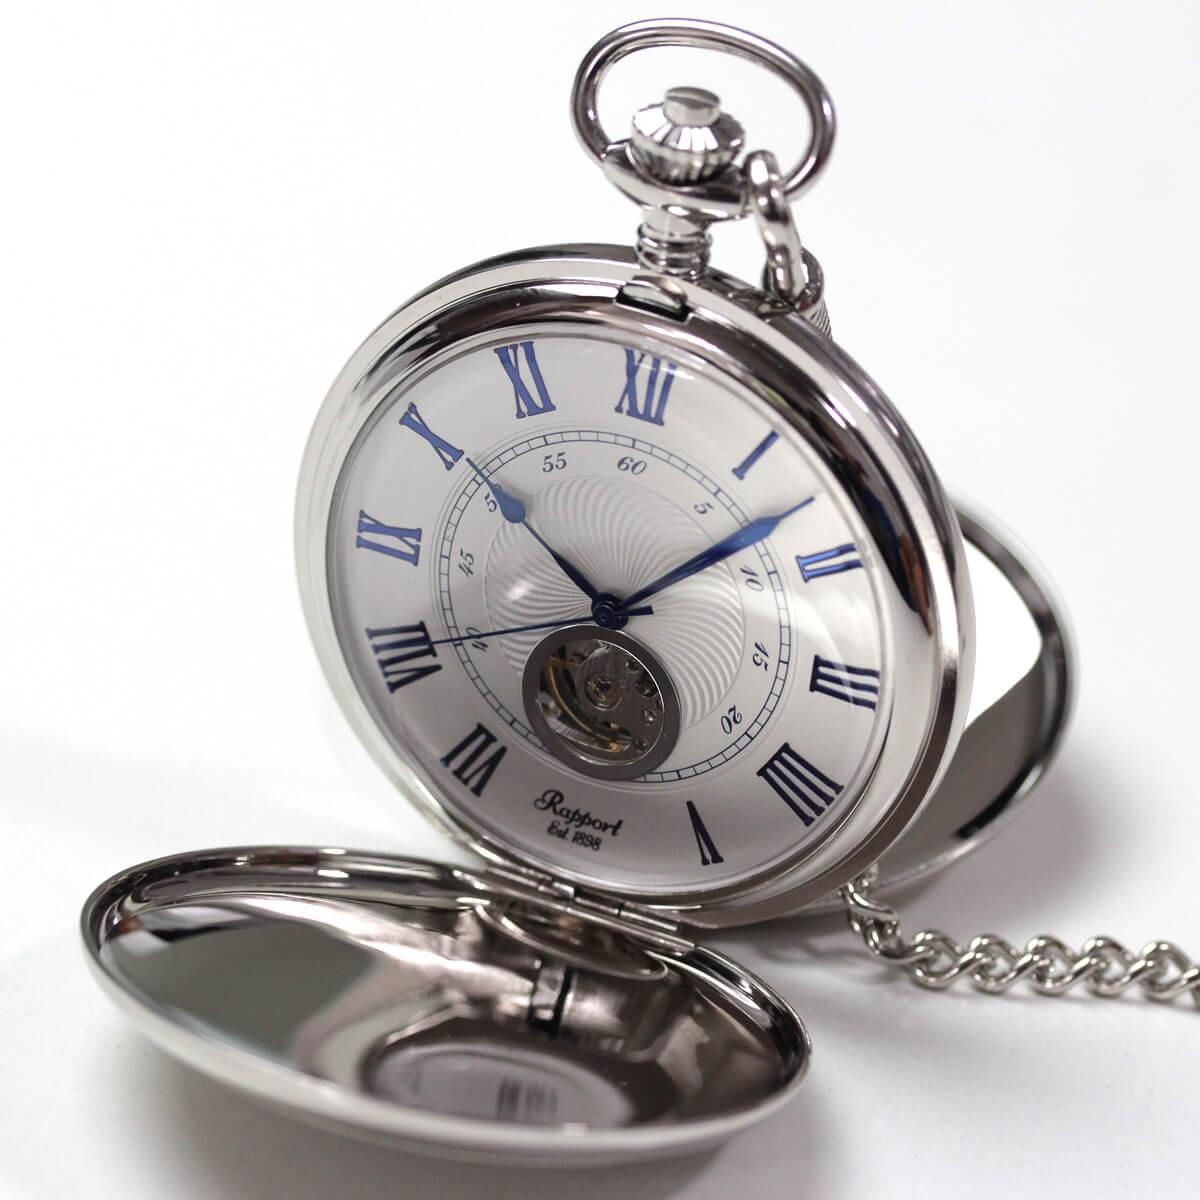 イギリスブランド rapport(ラポート) 懐中時計 pw99 シルバーカラーの両蓋開きオープンハートモデル